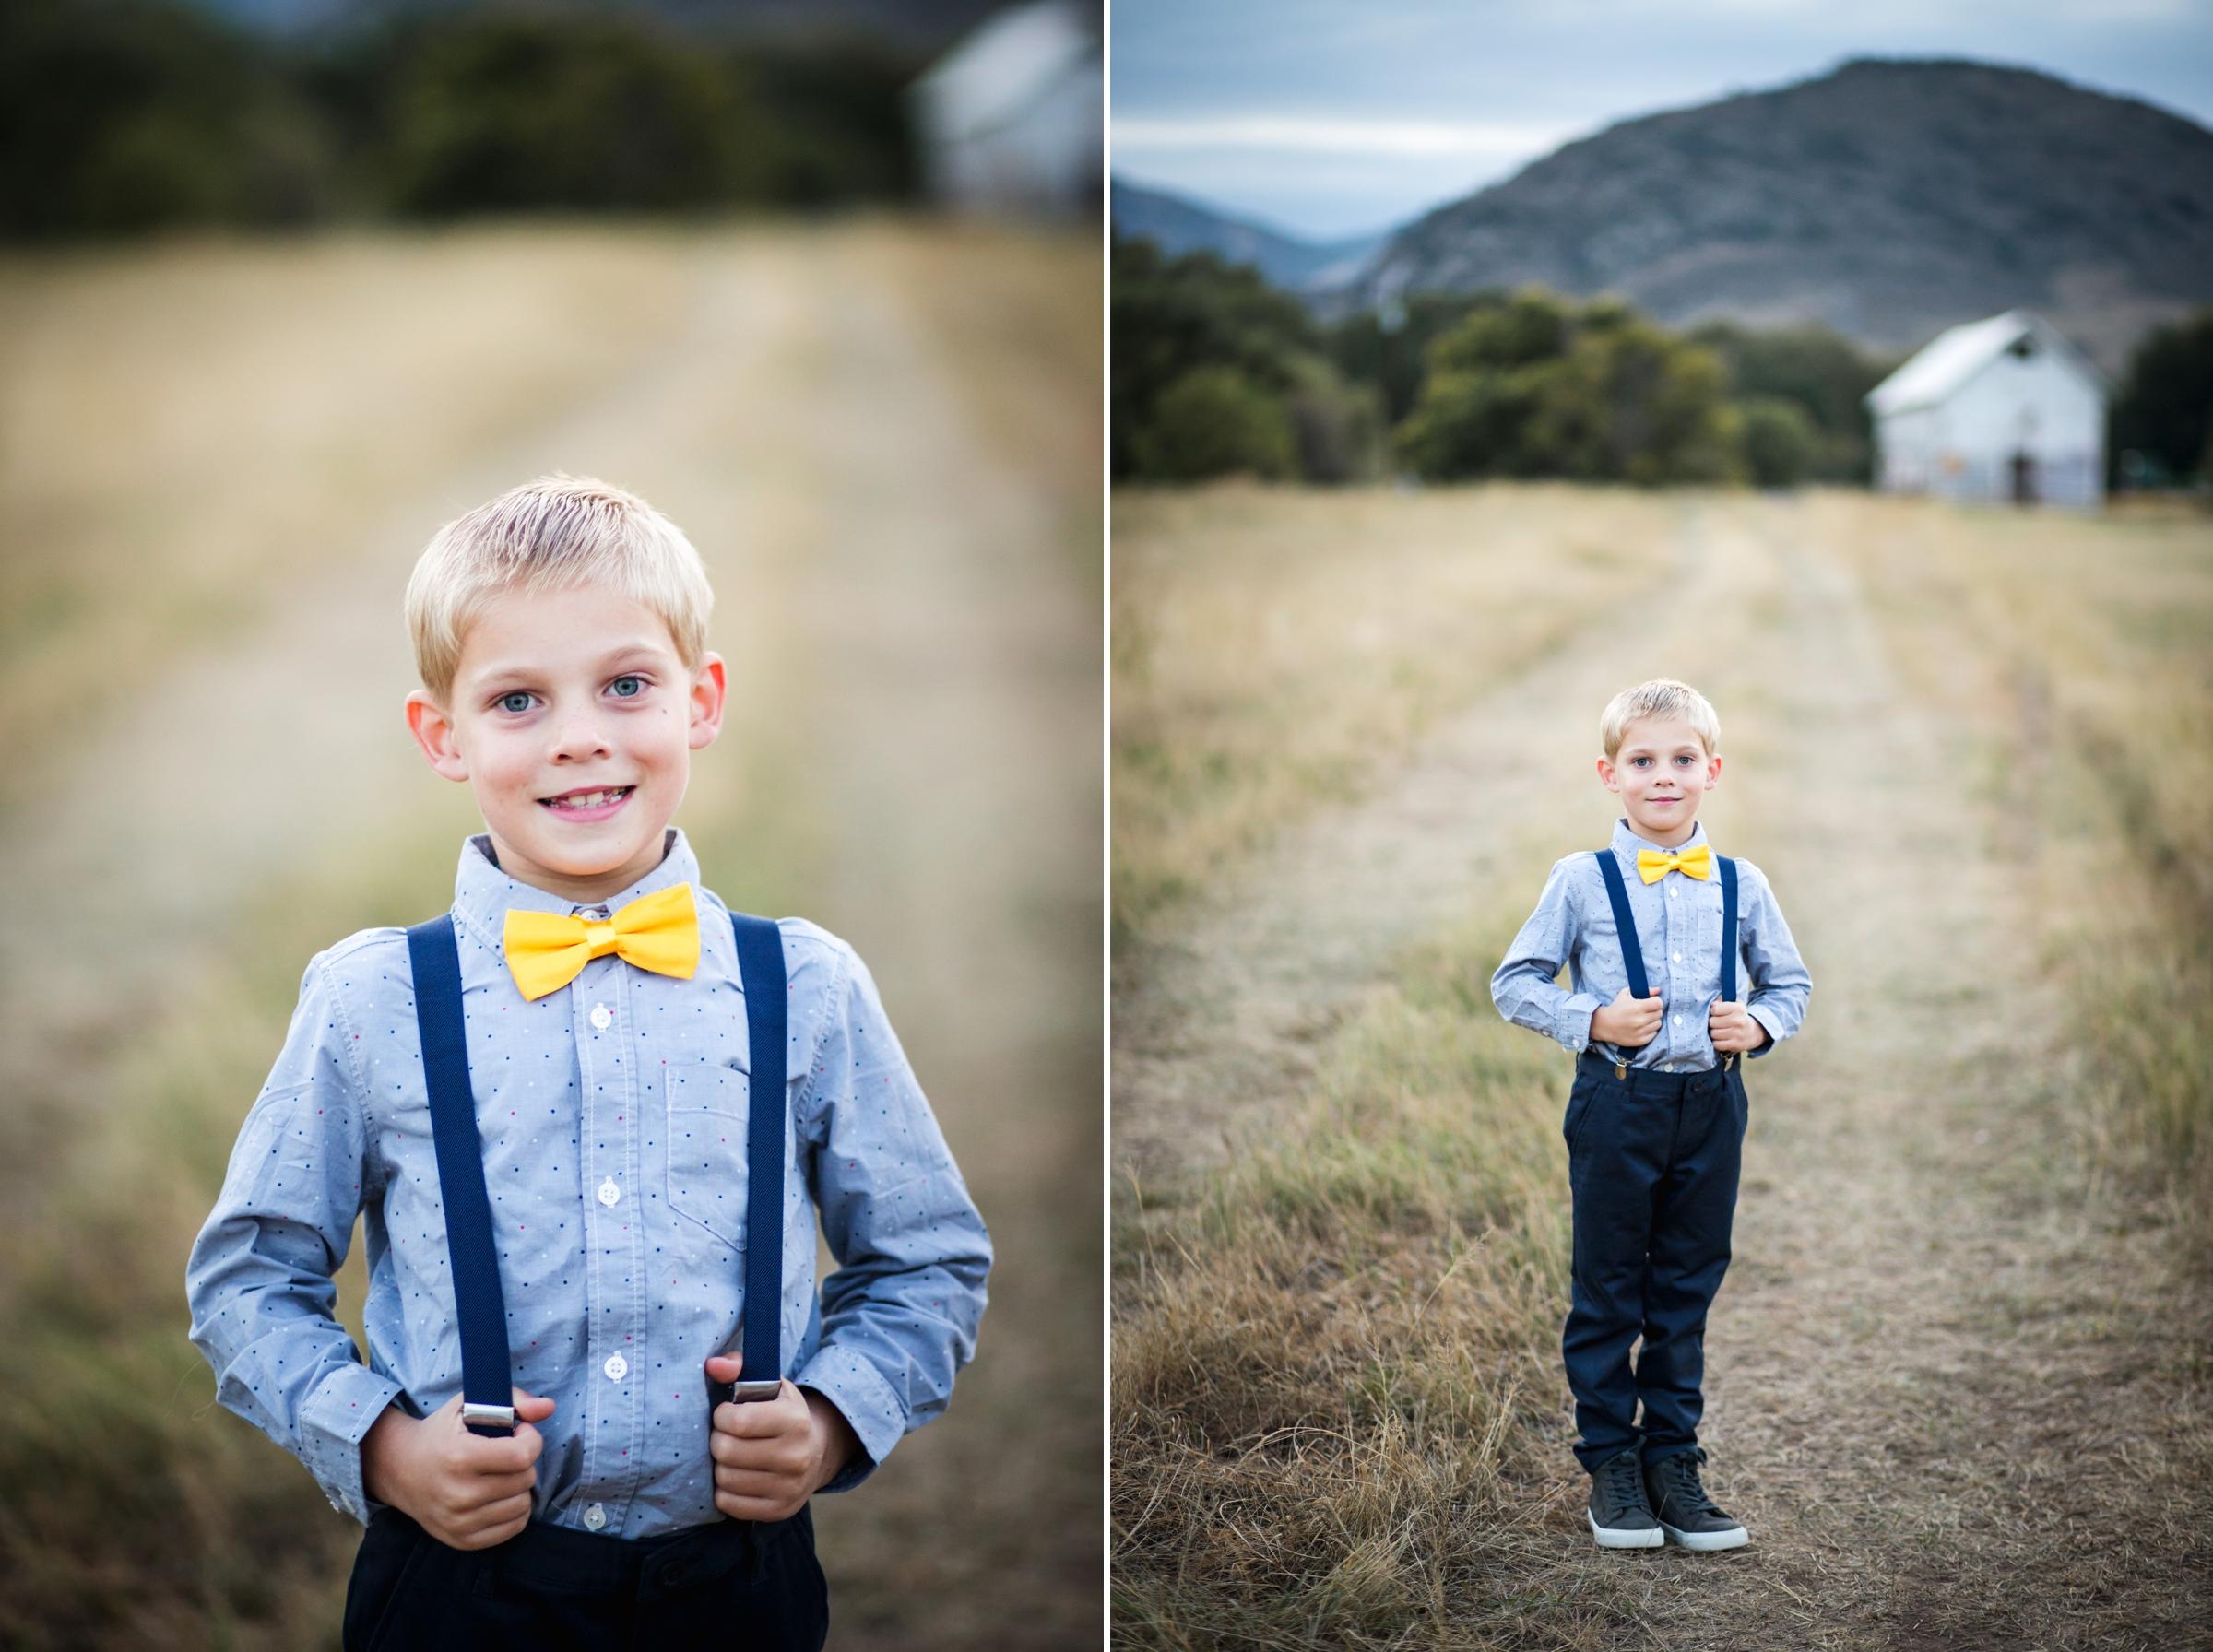 colorado springs children photographer, denver family photographer, crested butte family photographer